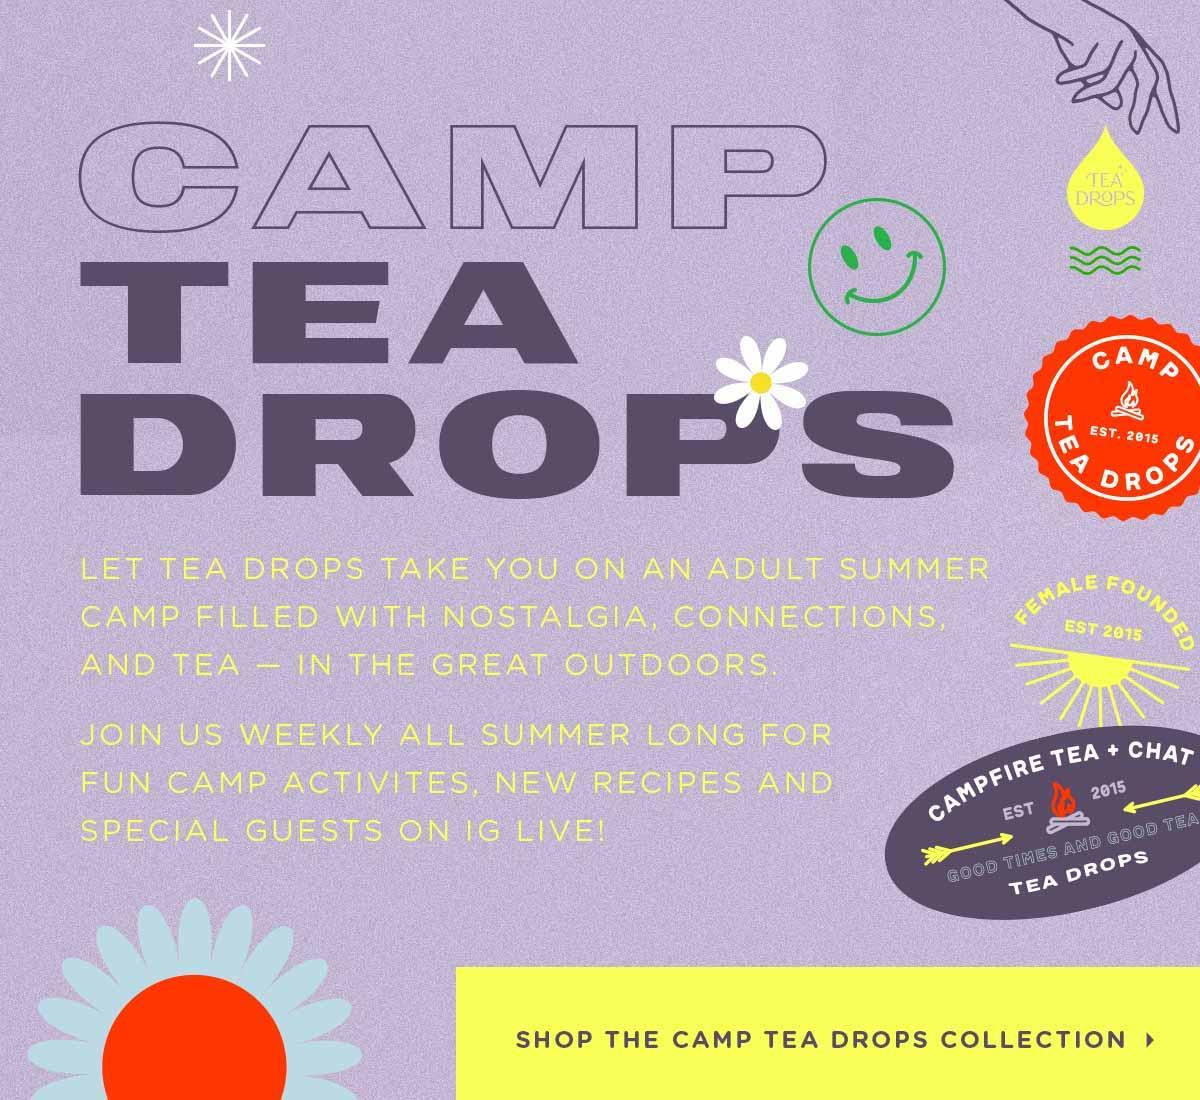 Camp Tea Drops